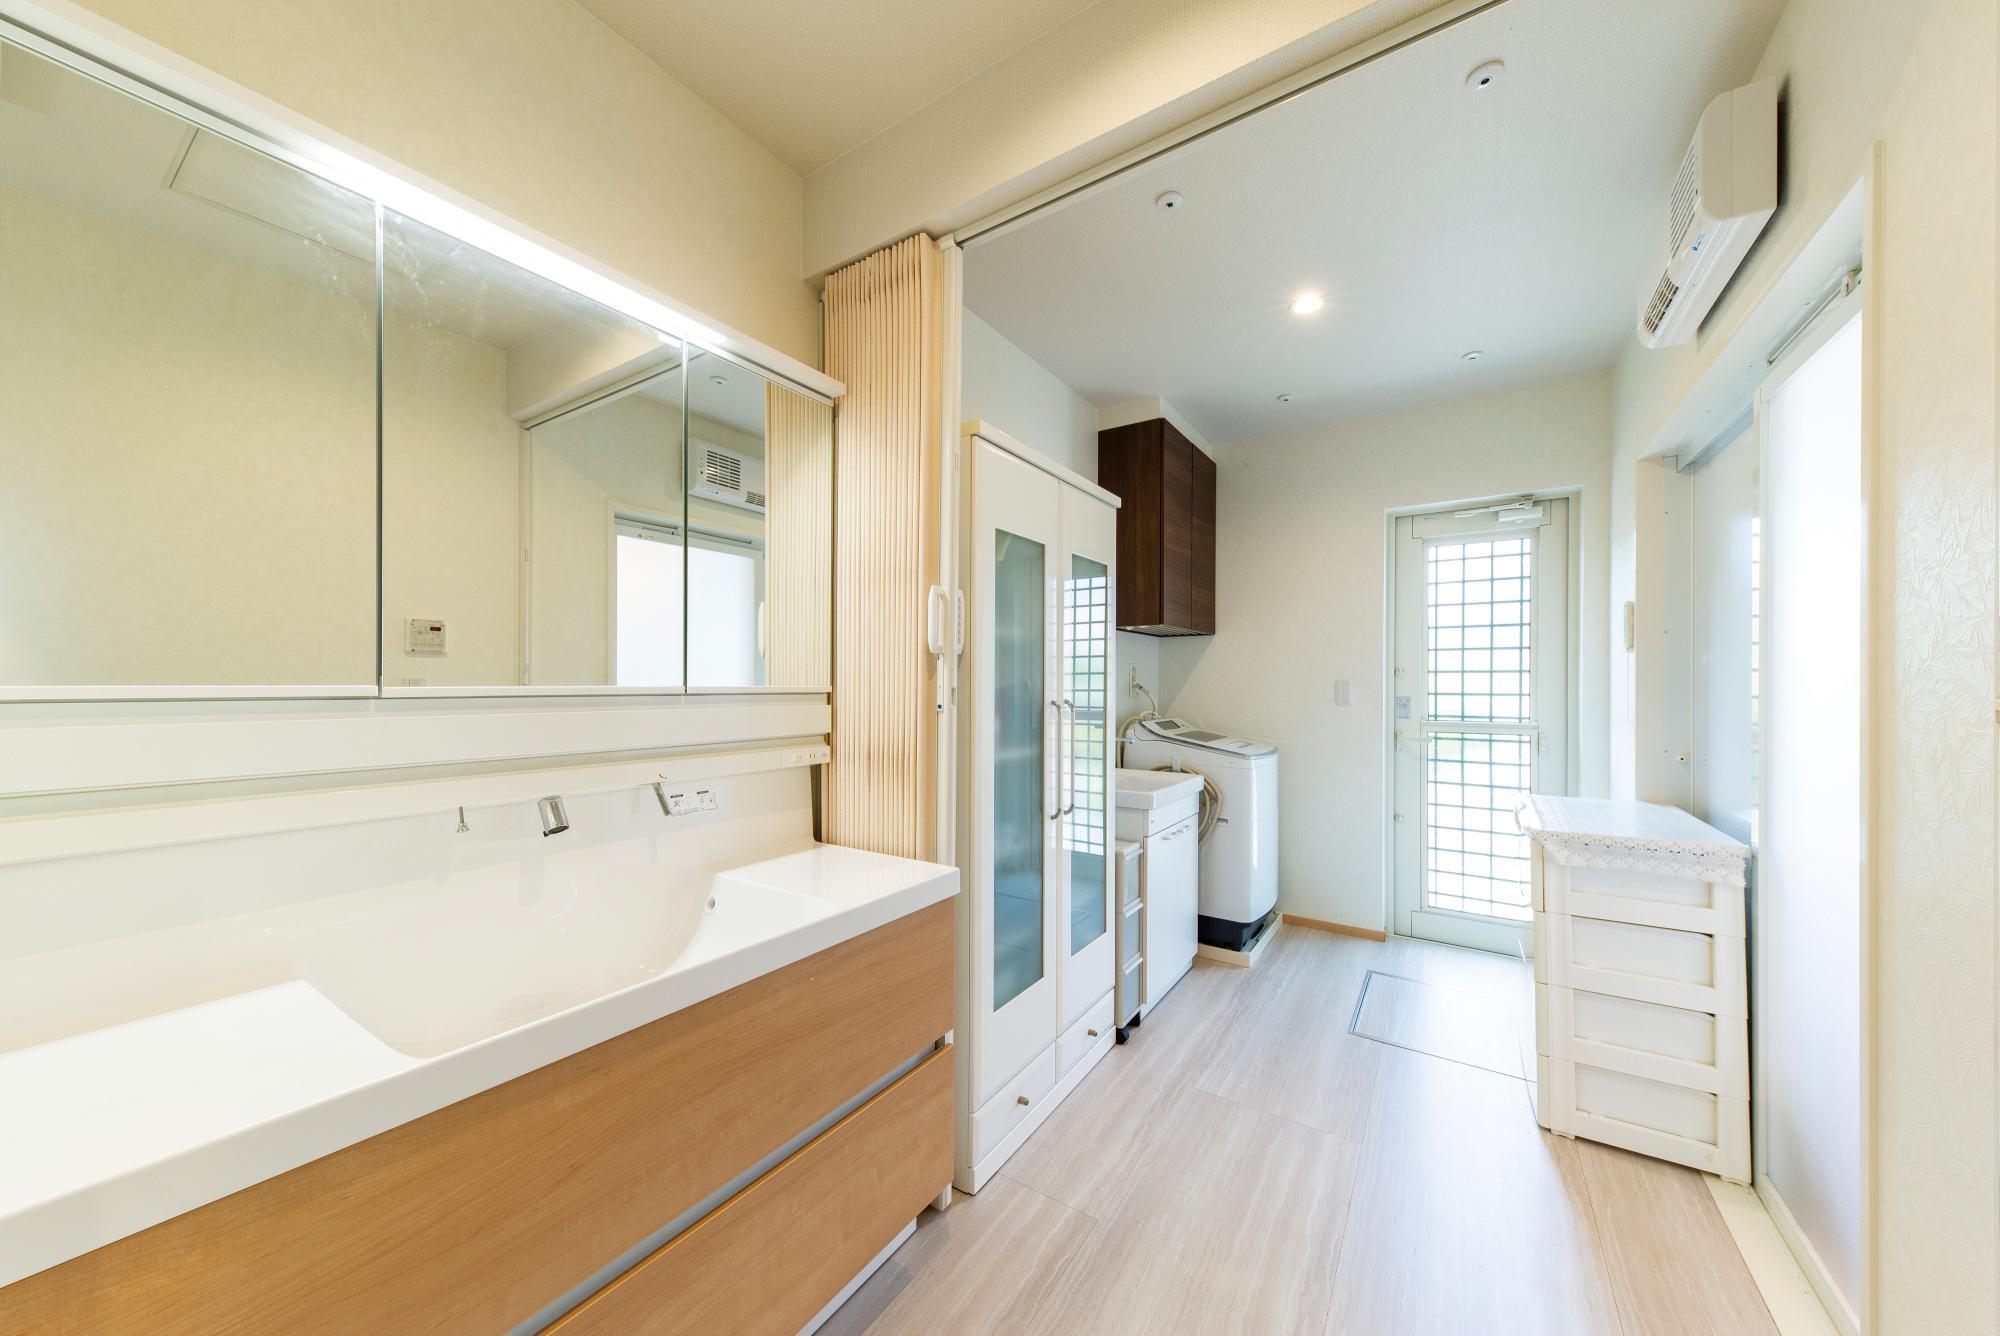 以前は和室があった位置に、一続きの奥行きある洗面所と脱衣室を。ゆったりとした空間をカーテンで仕切り、それぞれの用途で使うこともできる。ワイドな洗面台や造作収納も便利